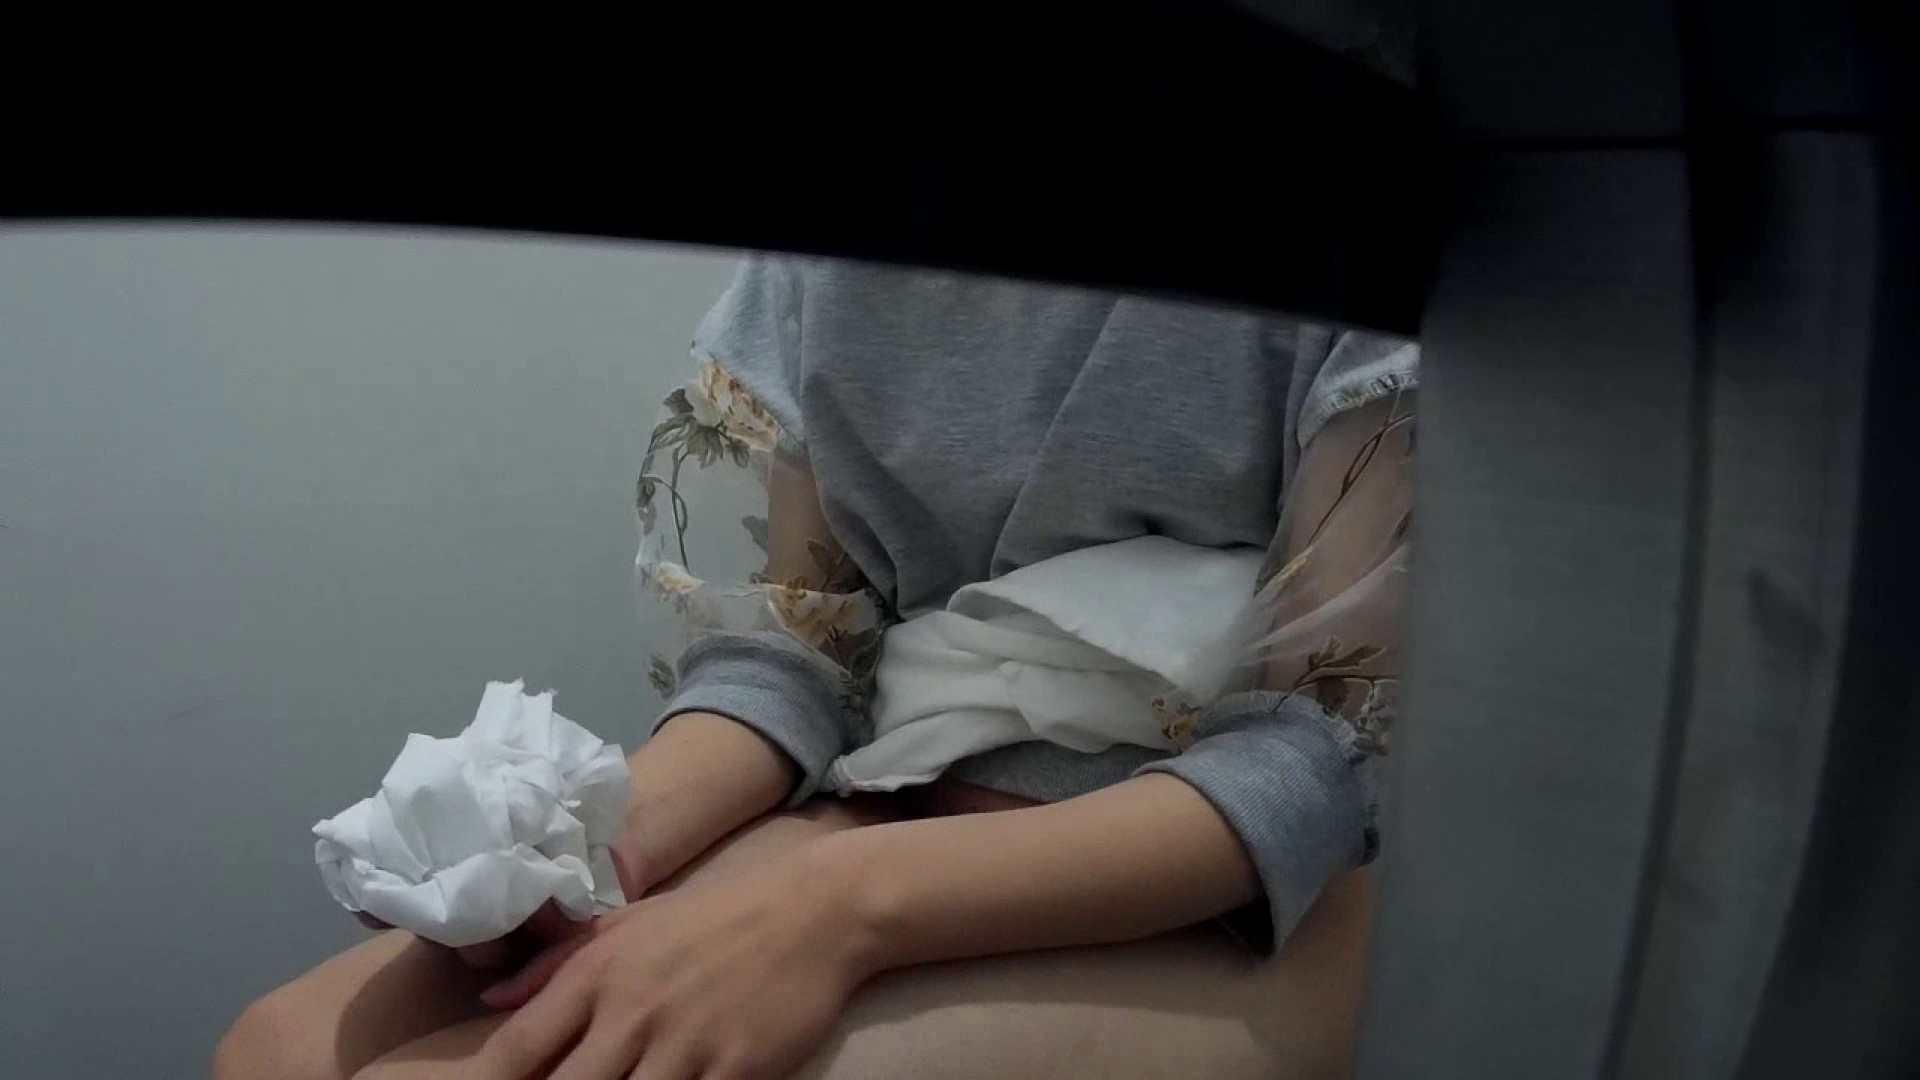 有名大学女性洗面所 vol.40 ??おまじない的な動きをする子がいます。 洗面所突入 | 潜入突撃  81pic 66